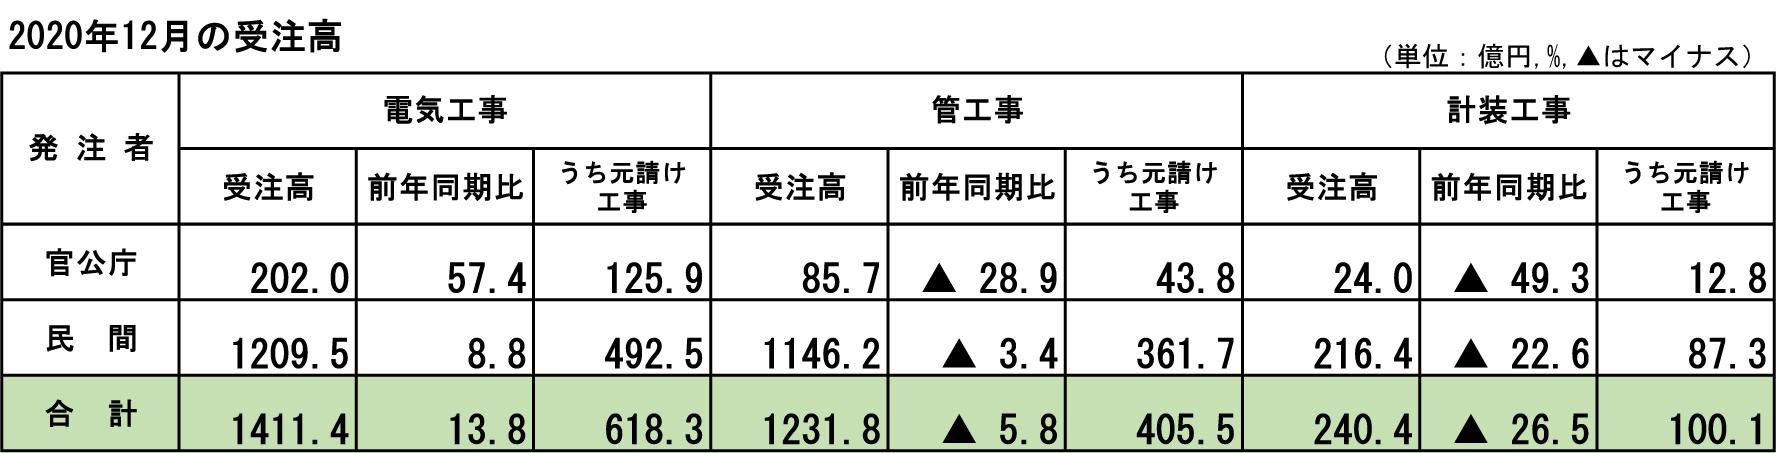 ①-3 2020年12月の受注高